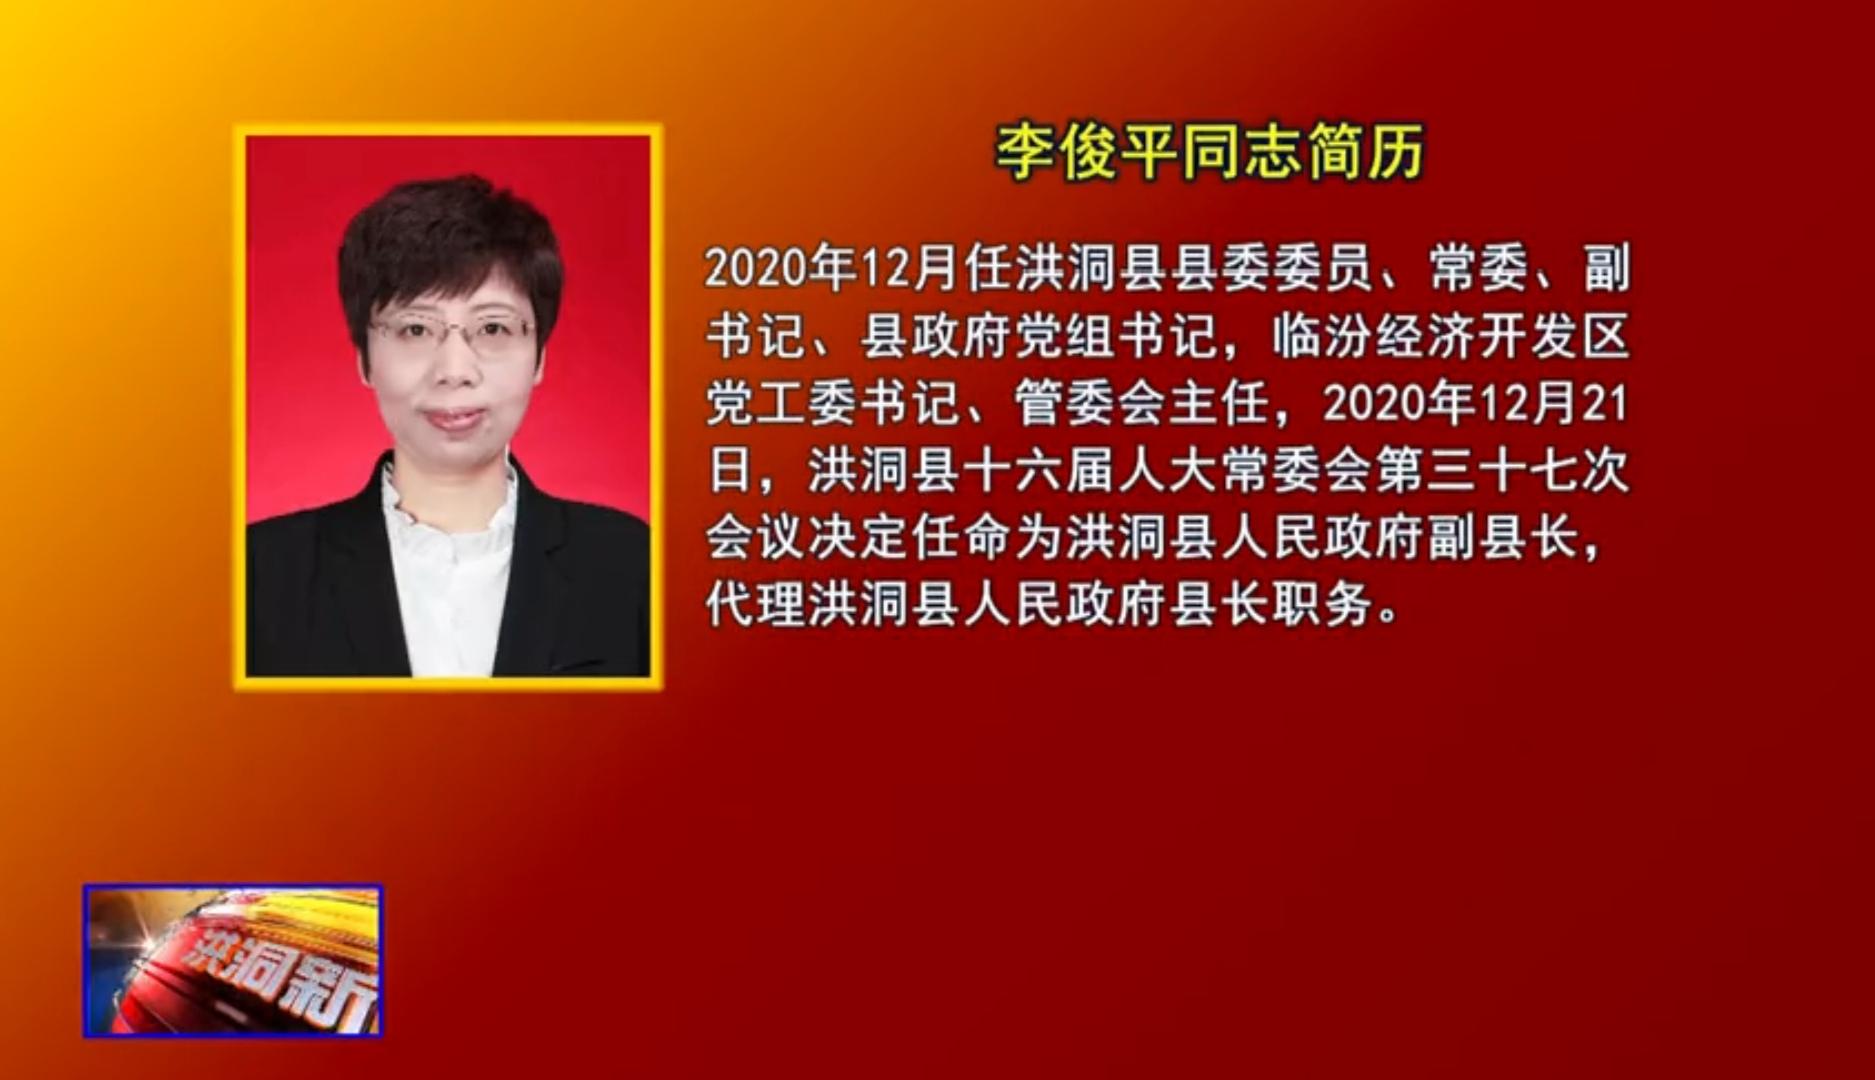 Screenshot_20201221_222537_com.tencent.mm_edit_2626440277634652.jpg